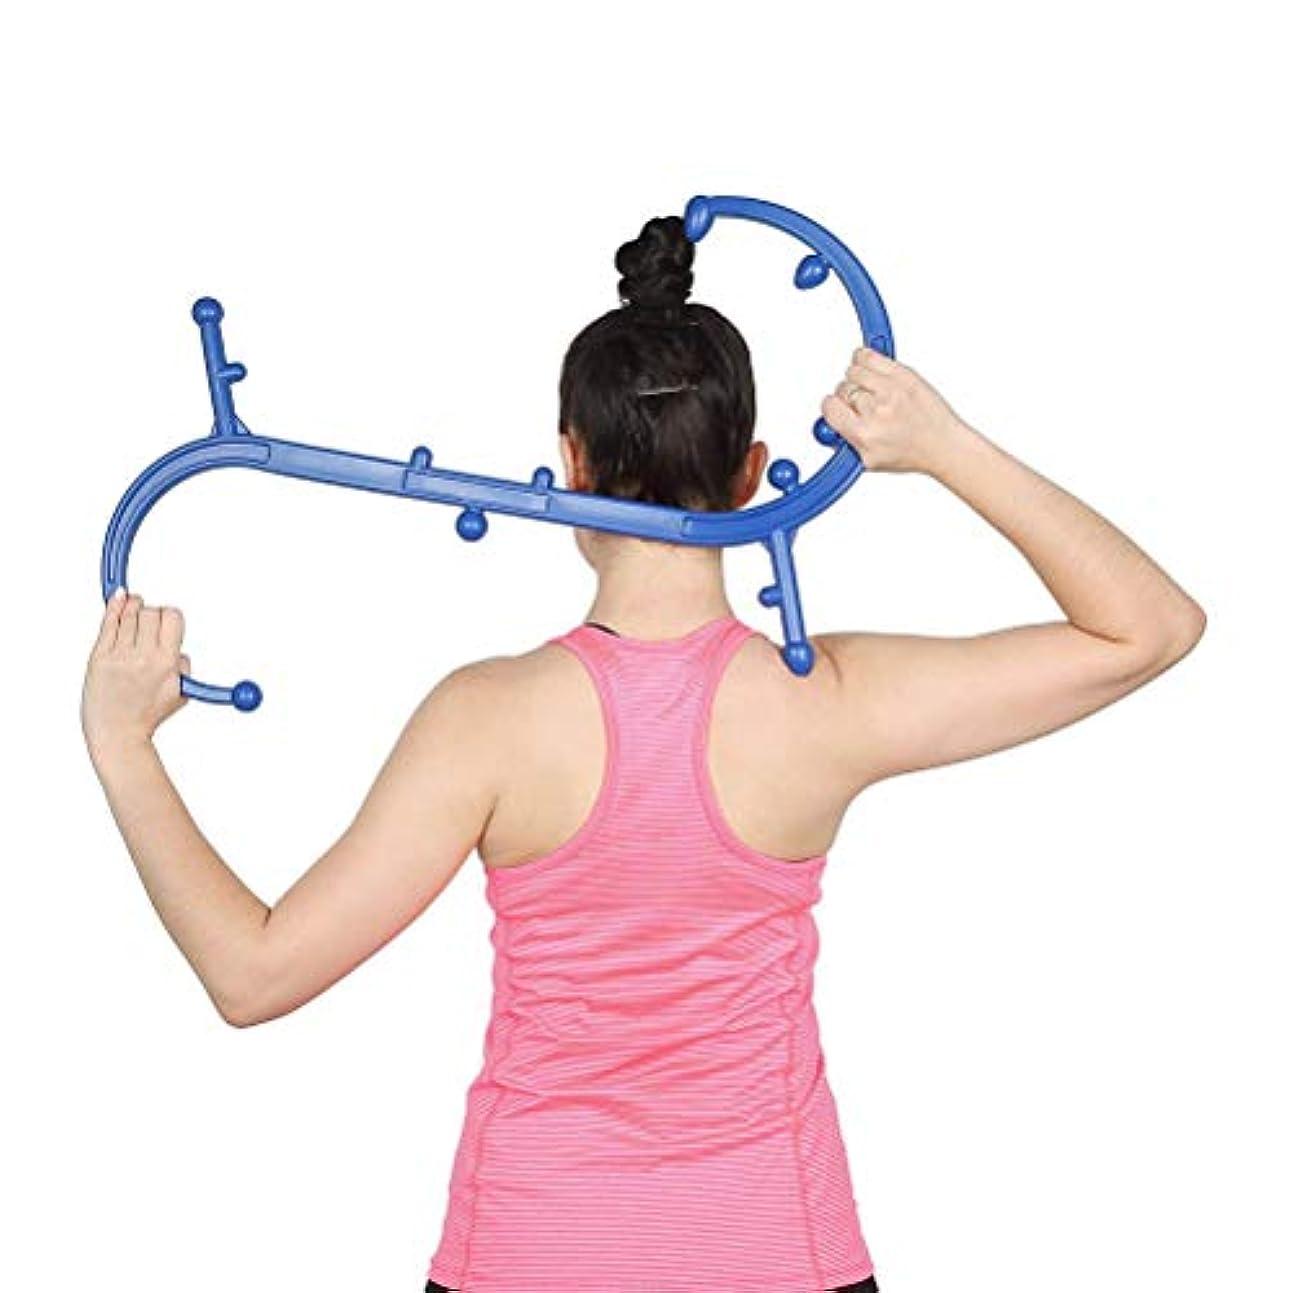 応じる形廃棄するQuner 指圧代用器 ボディバックバディ ツボ押しグッズ ネックマッサージャー 肩こり解消 Trigger Point Therapy Self Massage (ブルー)